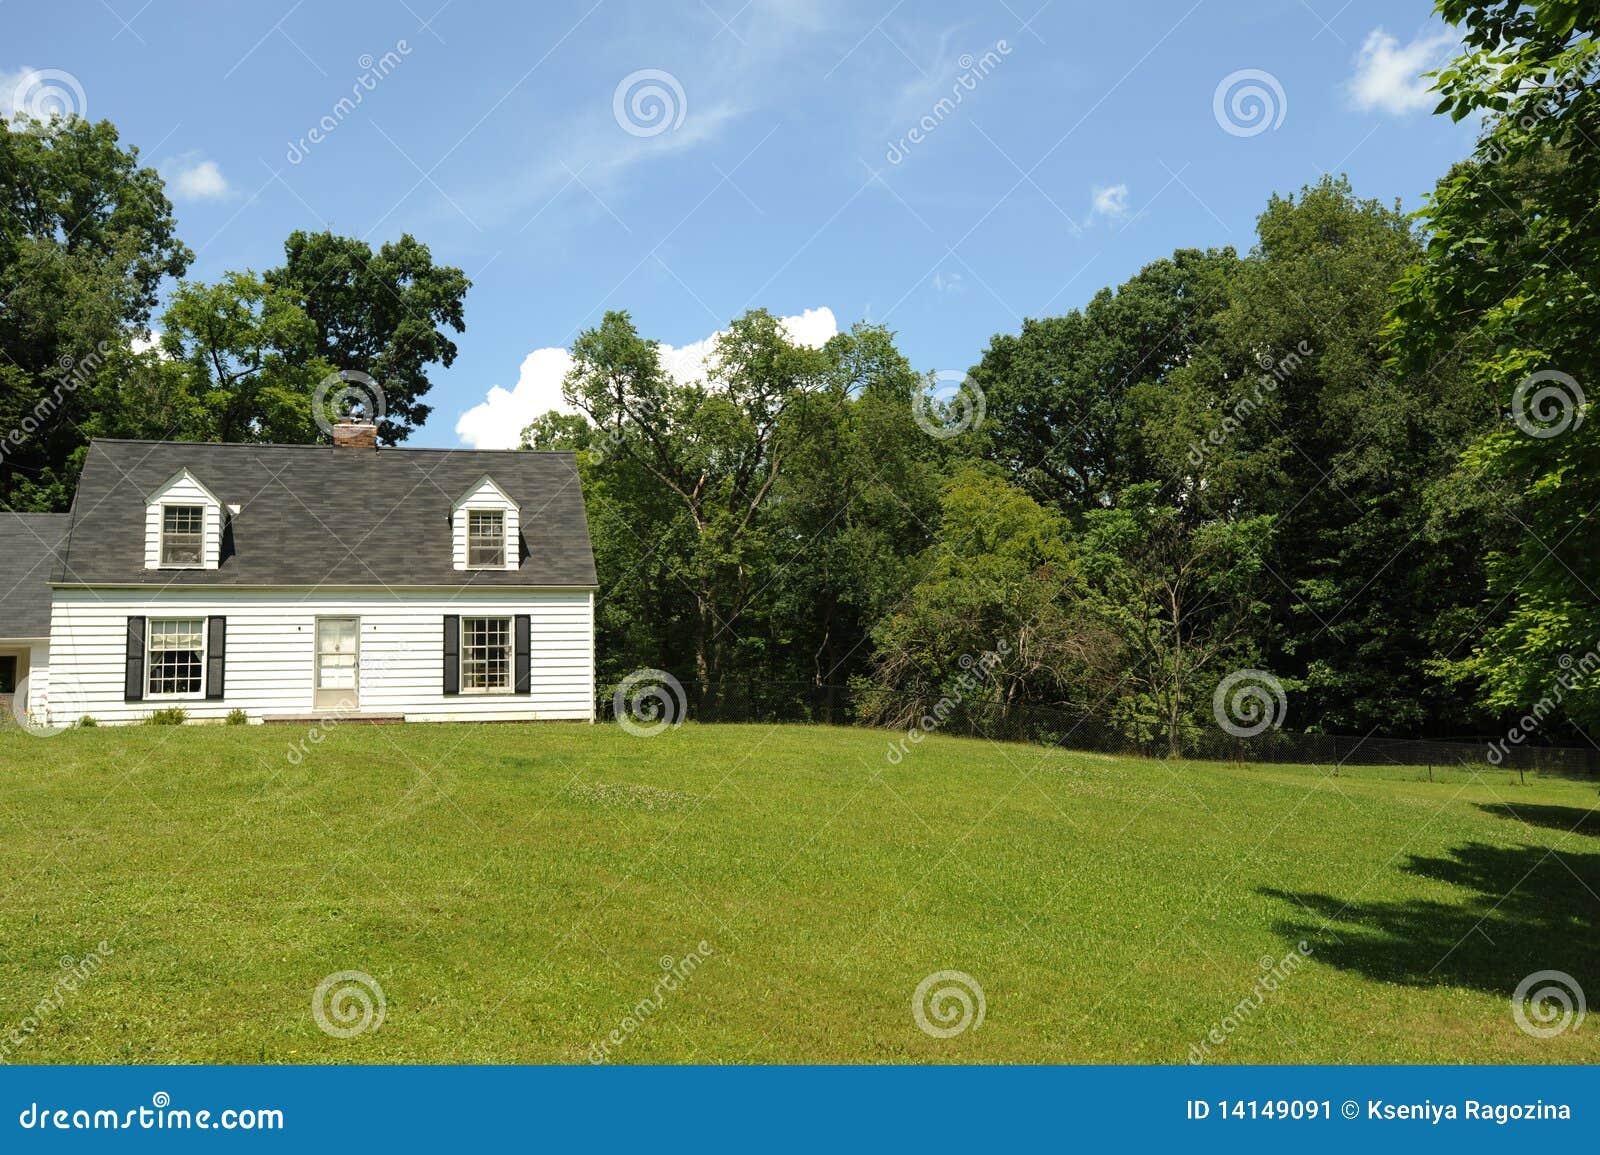 Real estate stock image image 14149091 for Dutch real estate websites